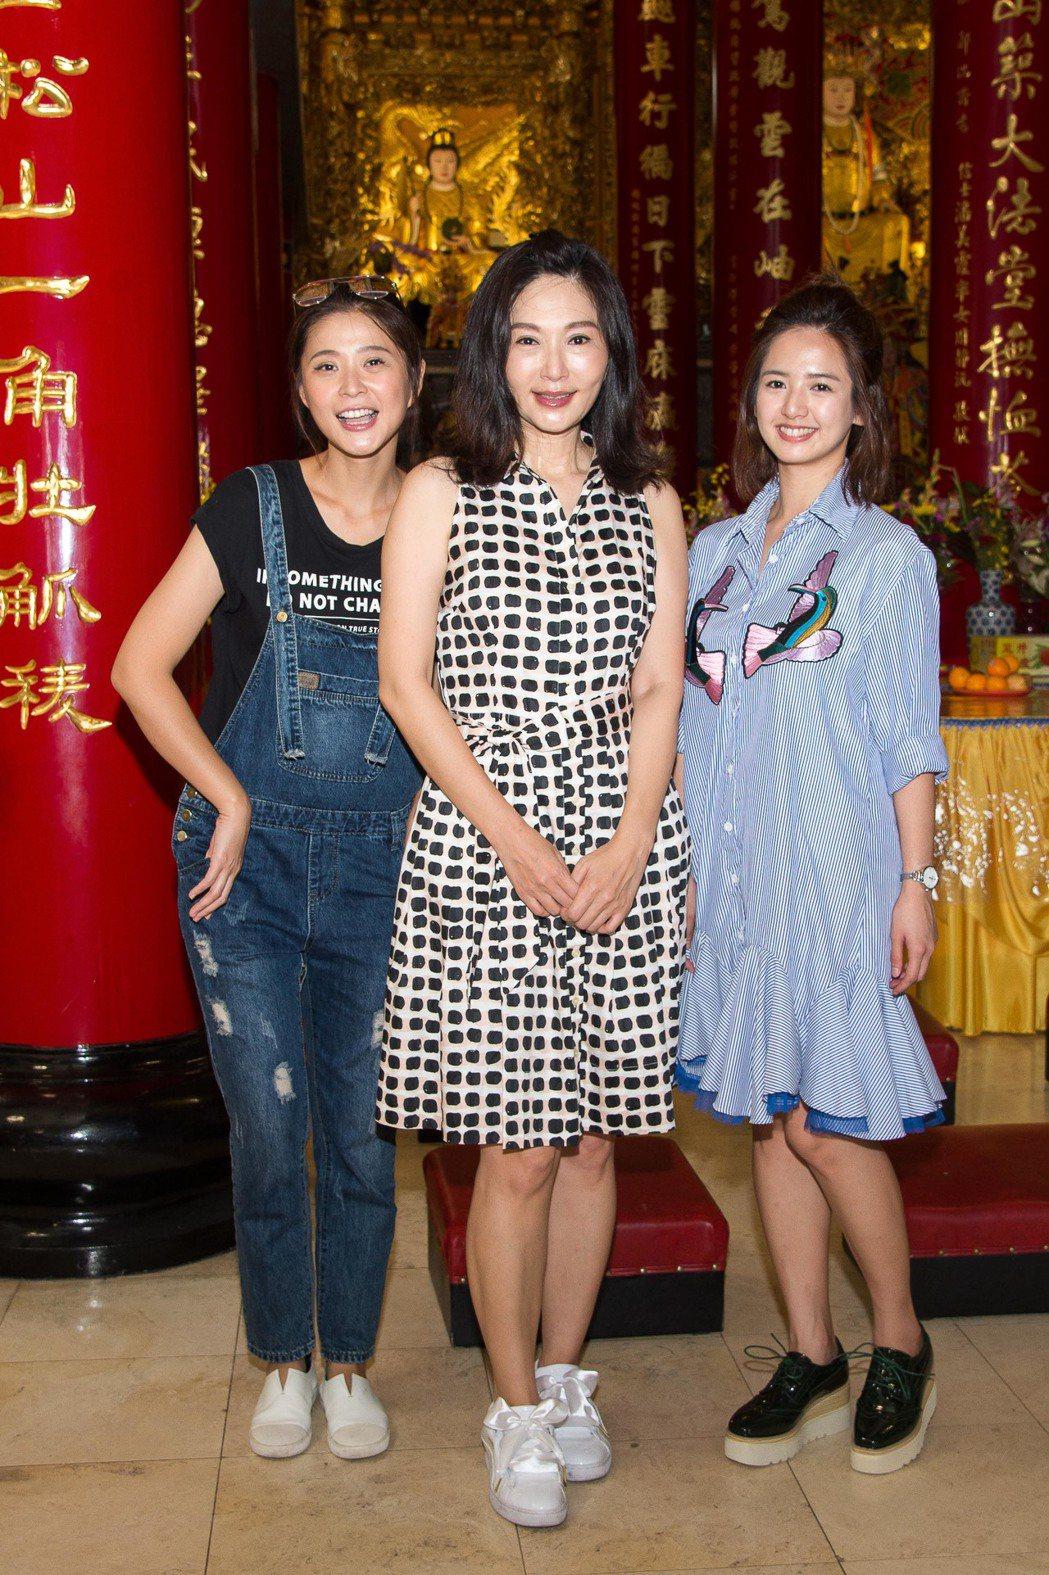 張玉嬿(中)在「一家人」中飾演李燕(左)、臧芮軒的媽媽。圖/三立提供